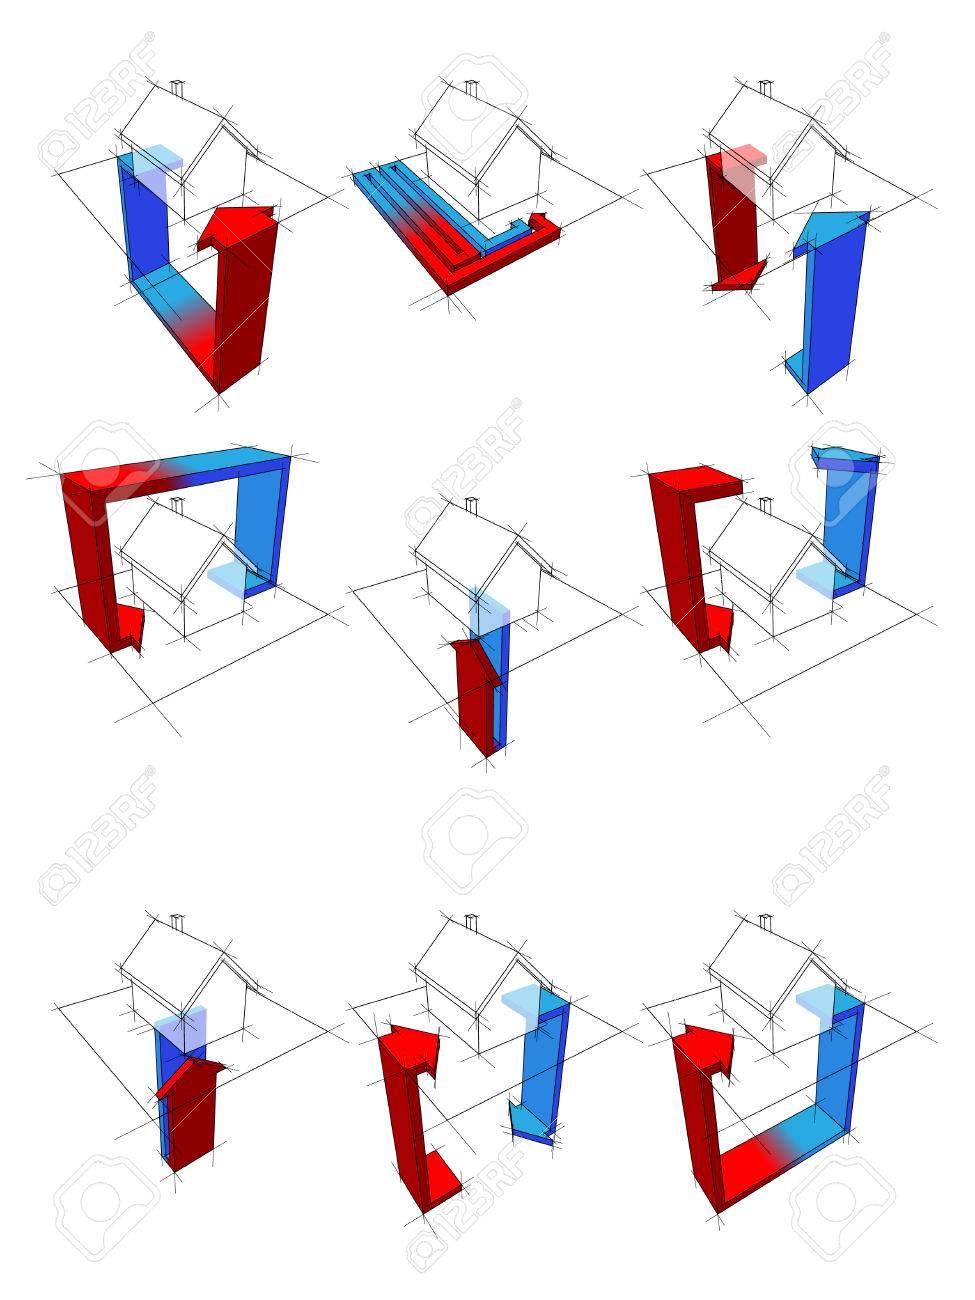 heat pump diagrams Stock Vector - 8782951